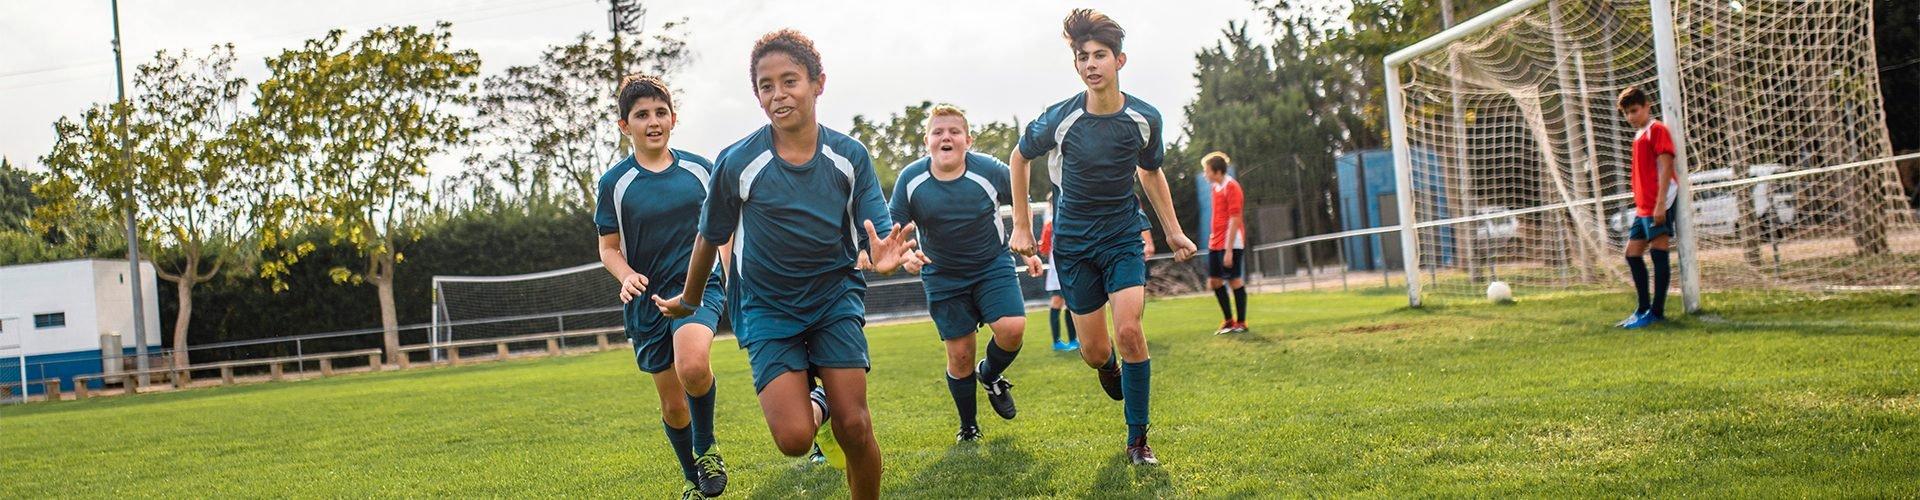 Urlaub im Familienhotel mit Fußballschule